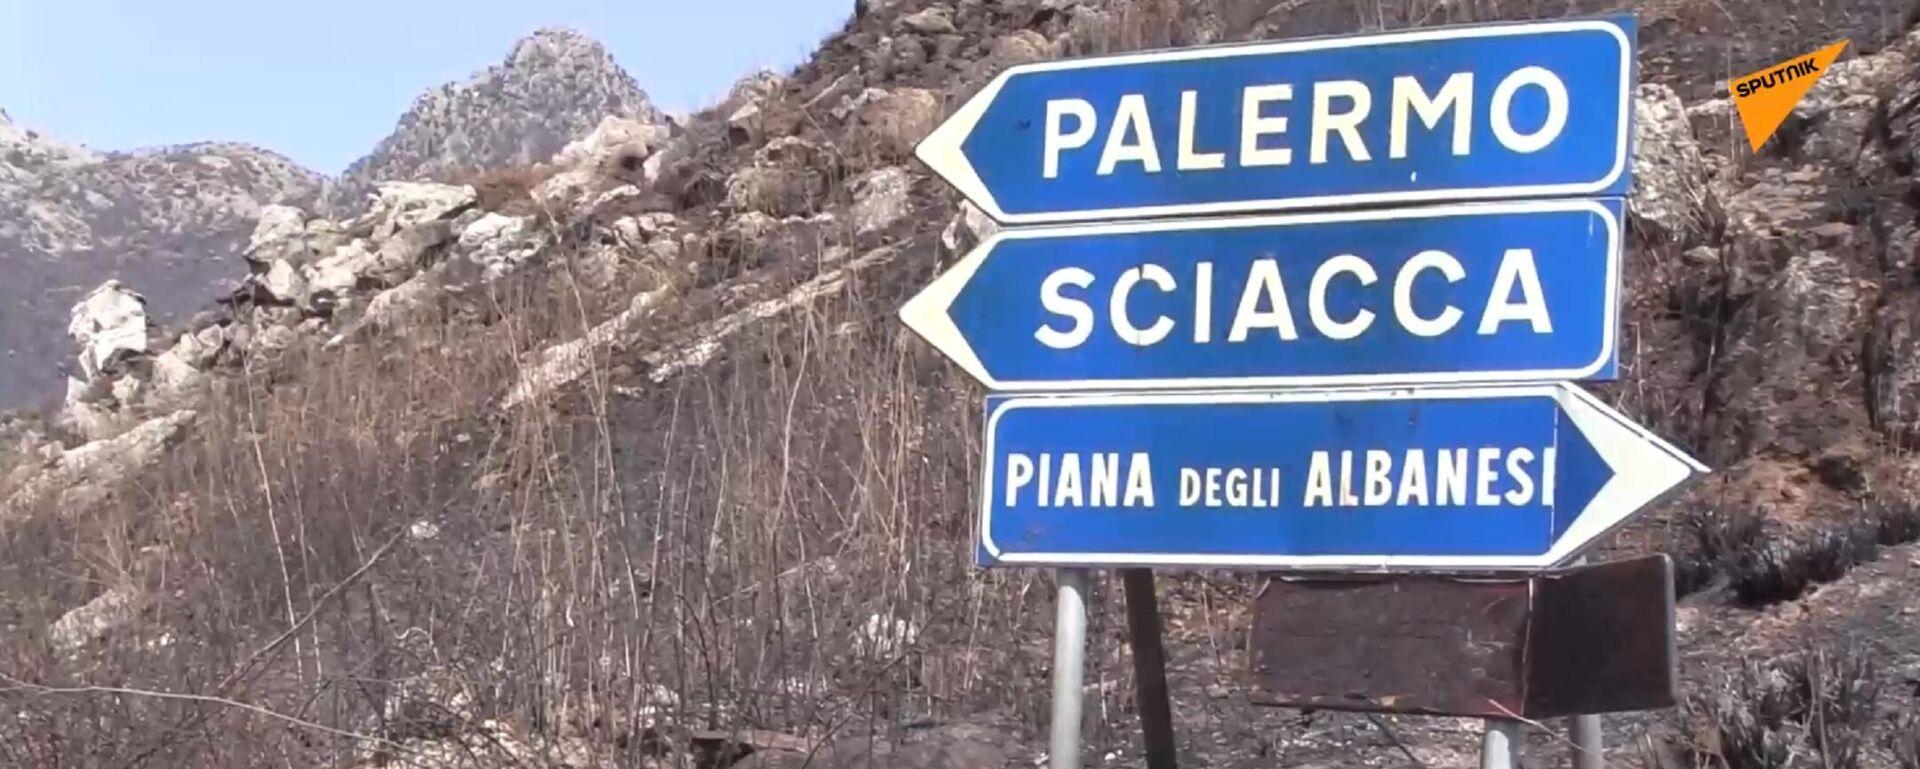 Sicilia: dietro all'emergenza incendi si intravede la mano della mafia - Sputnik Italia, 1920, 04.08.2021